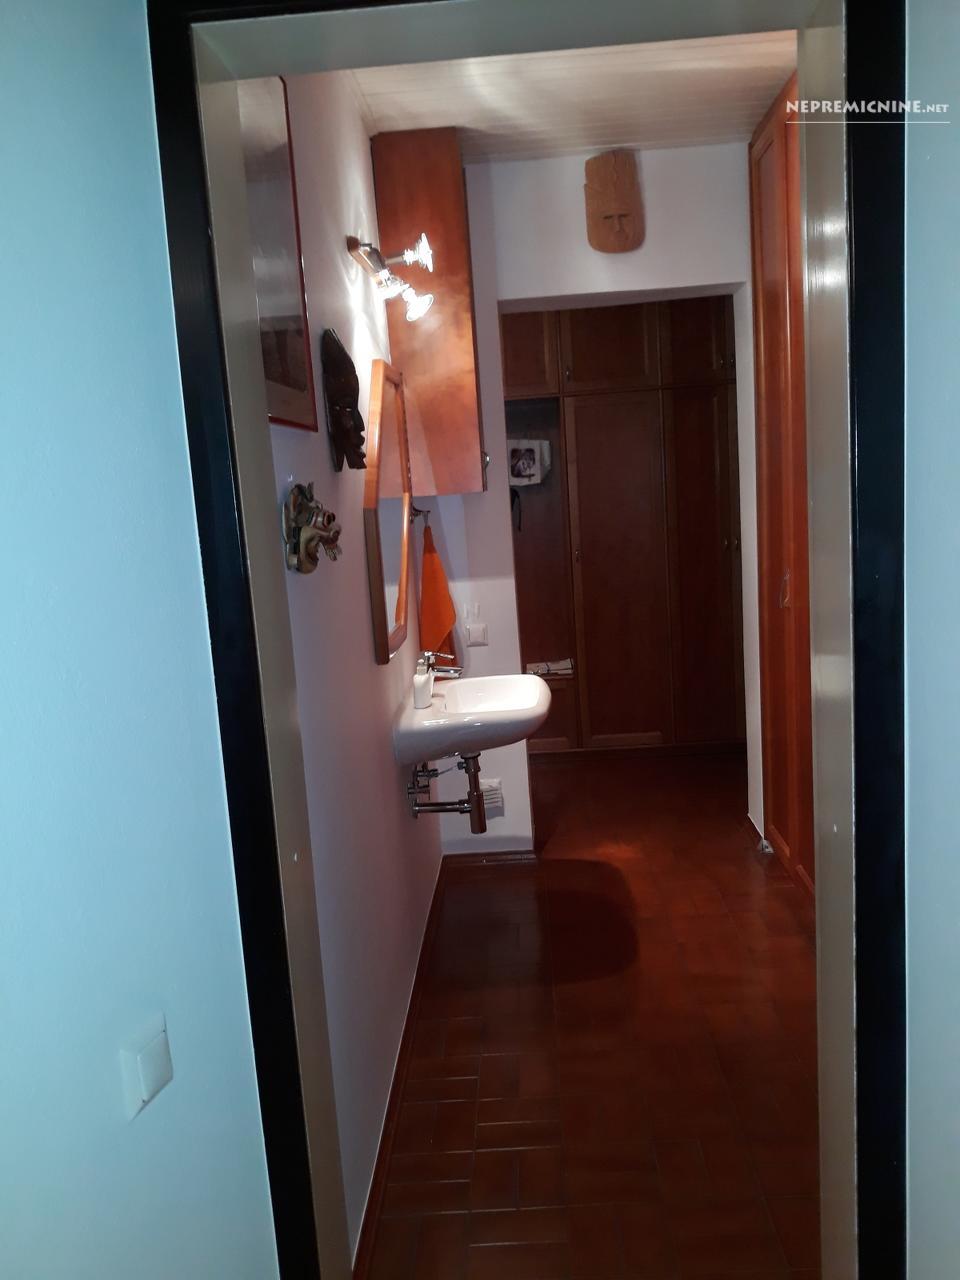 Prodaja, stanovanje - LJ. CENTER, MESTNI TRG 10